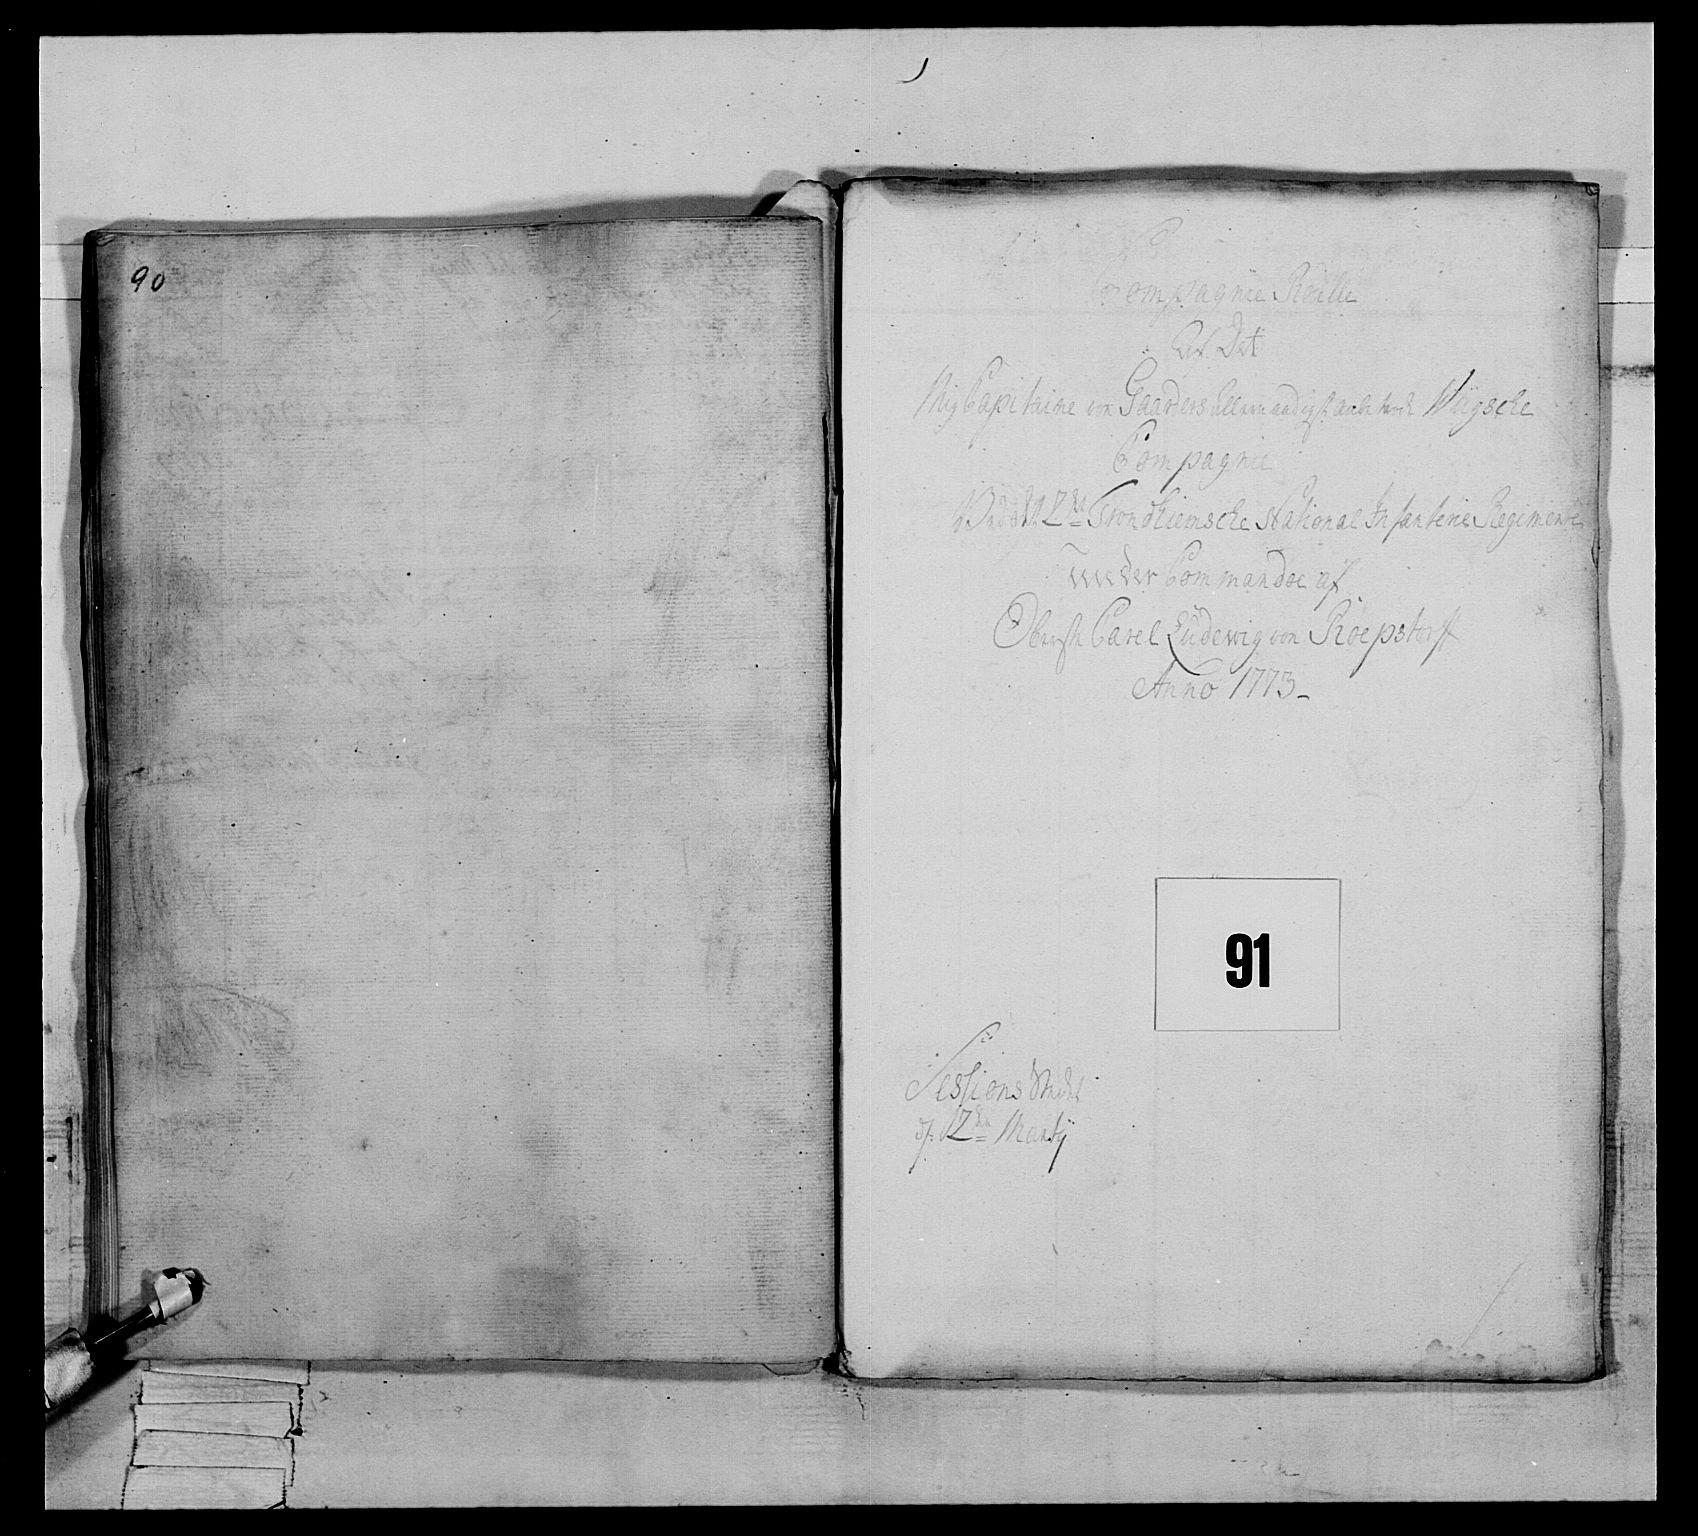 RA, Generalitets- og kommissariatskollegiet, Det kongelige norske kommissariatskollegium, E/Eh/L0076: 2. Trondheimske nasjonale infanteriregiment, 1766-1773, s. 532